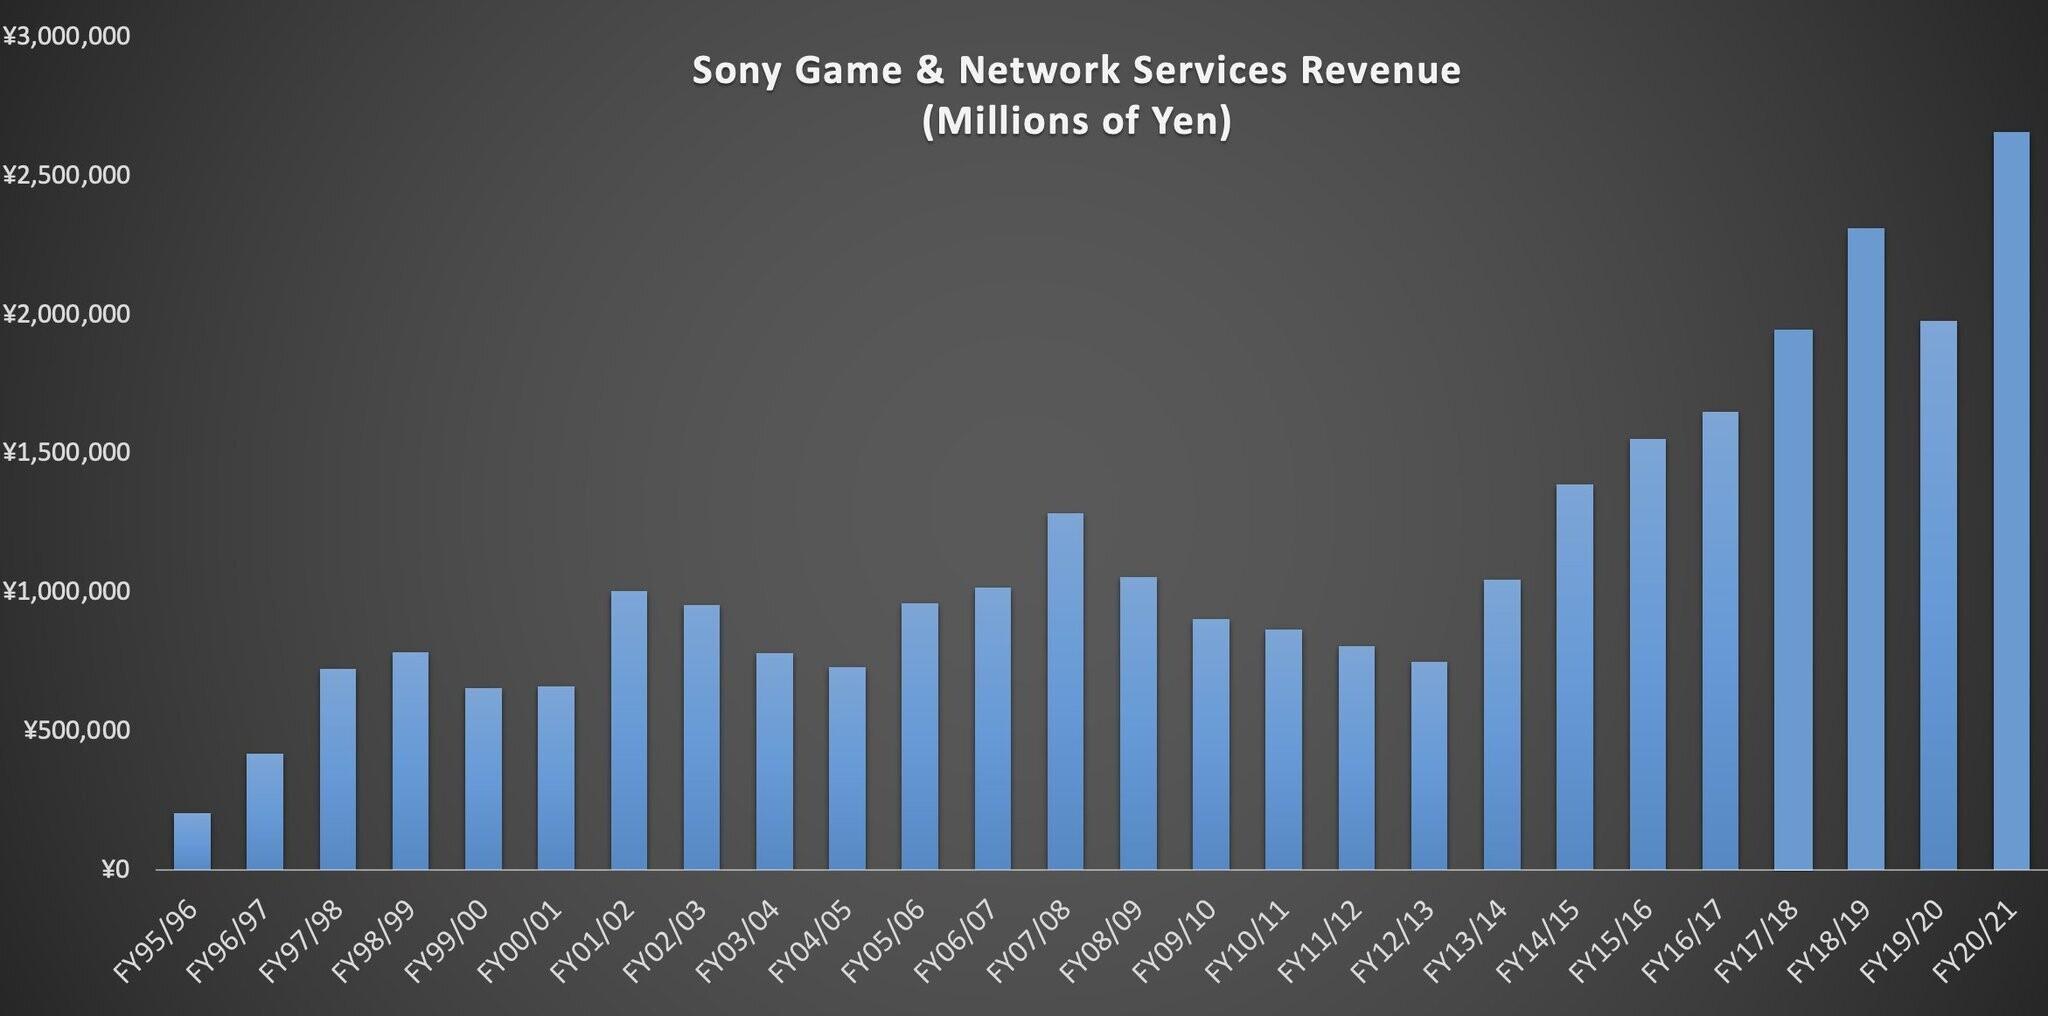 Виторг підрозділу PlayStation в японських єнах / скріншот